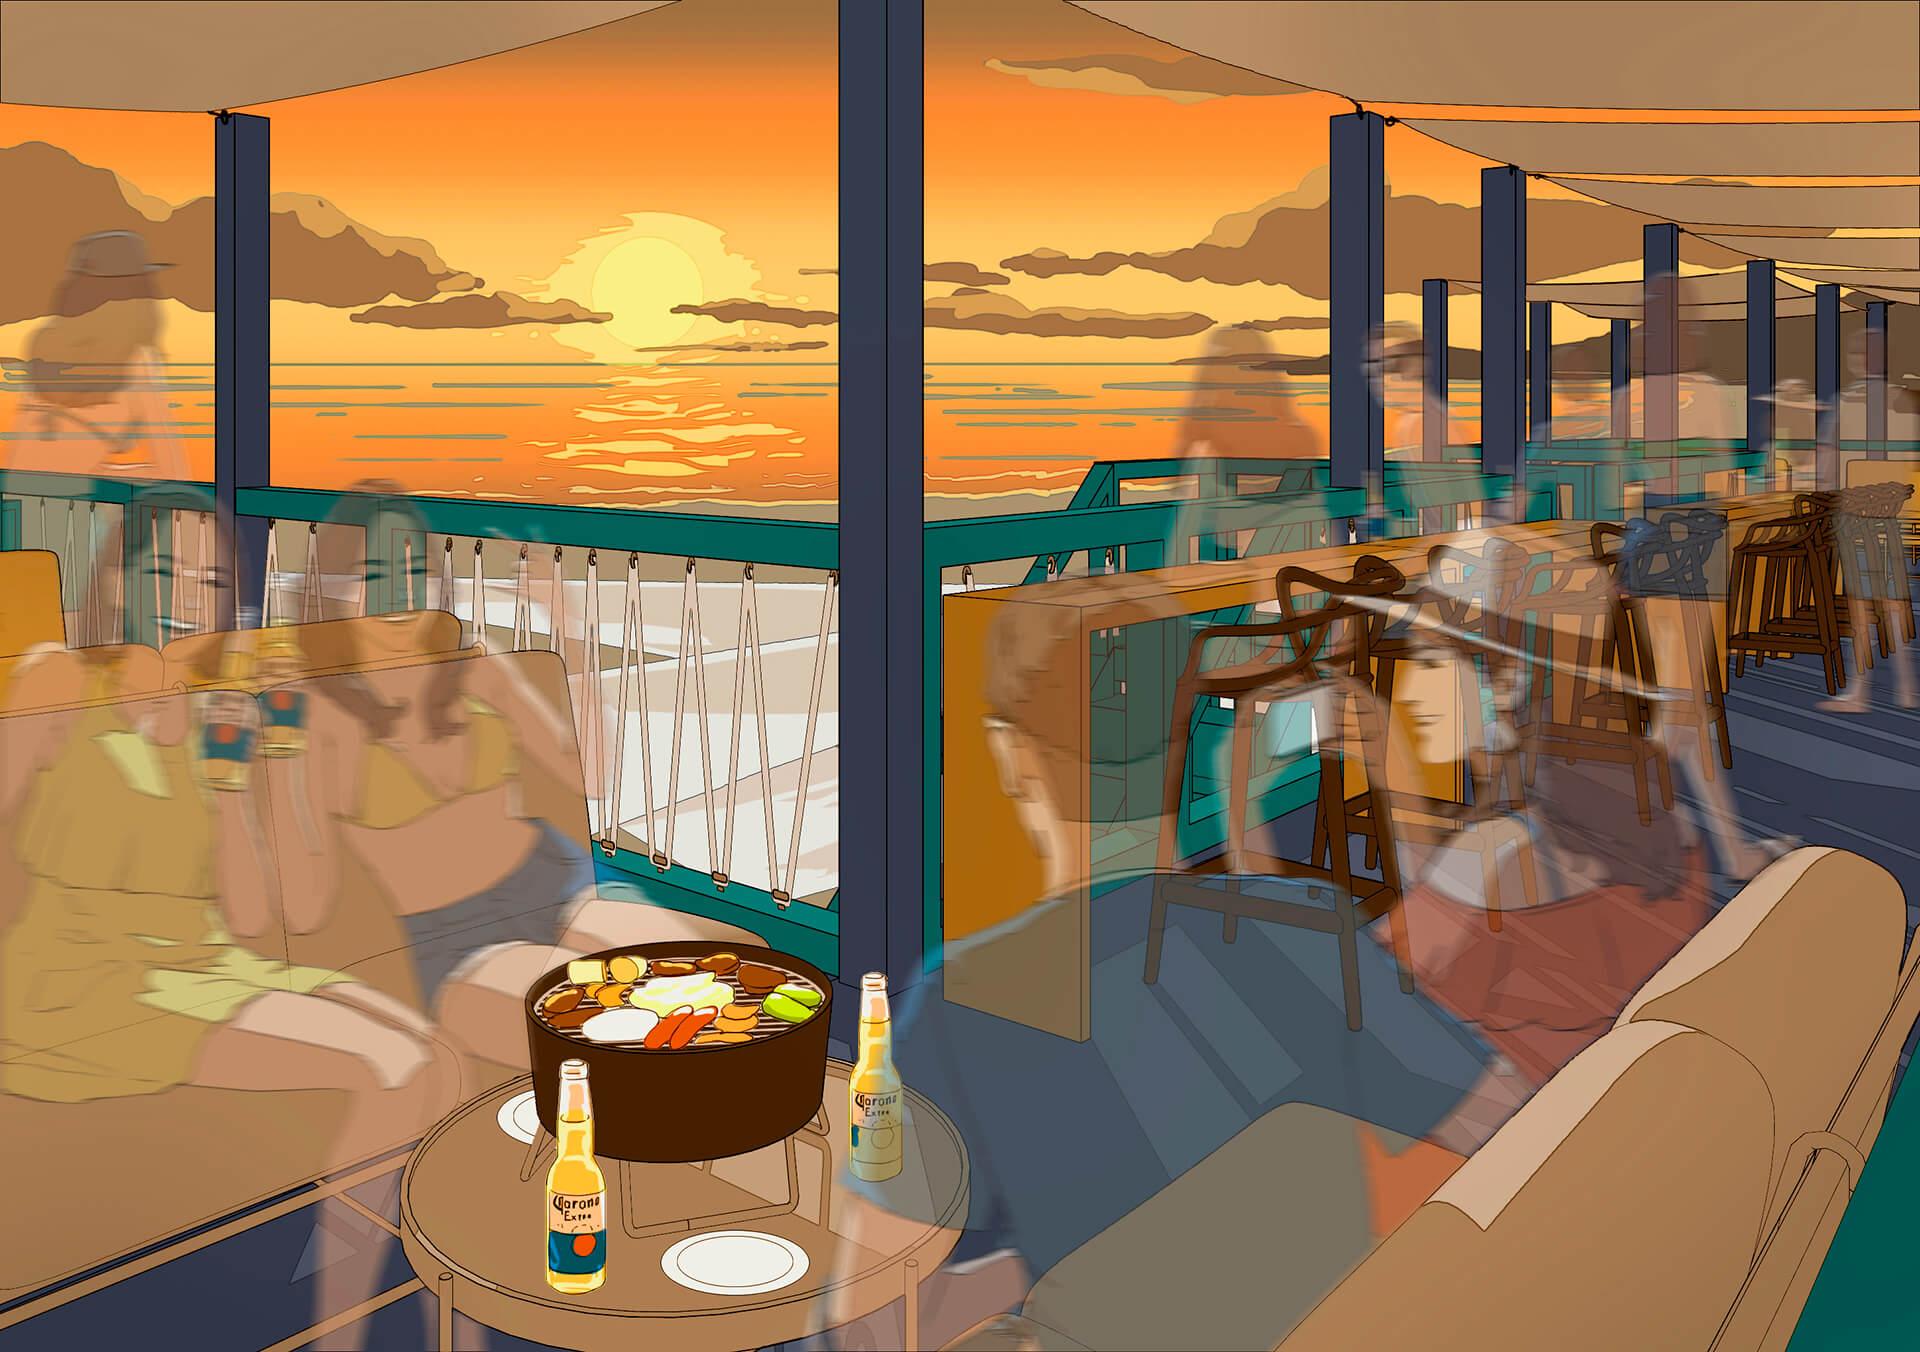 この写真は、海の家セイルハウスのイメージビジュアル。有料プレミアムリザーブシートの様子